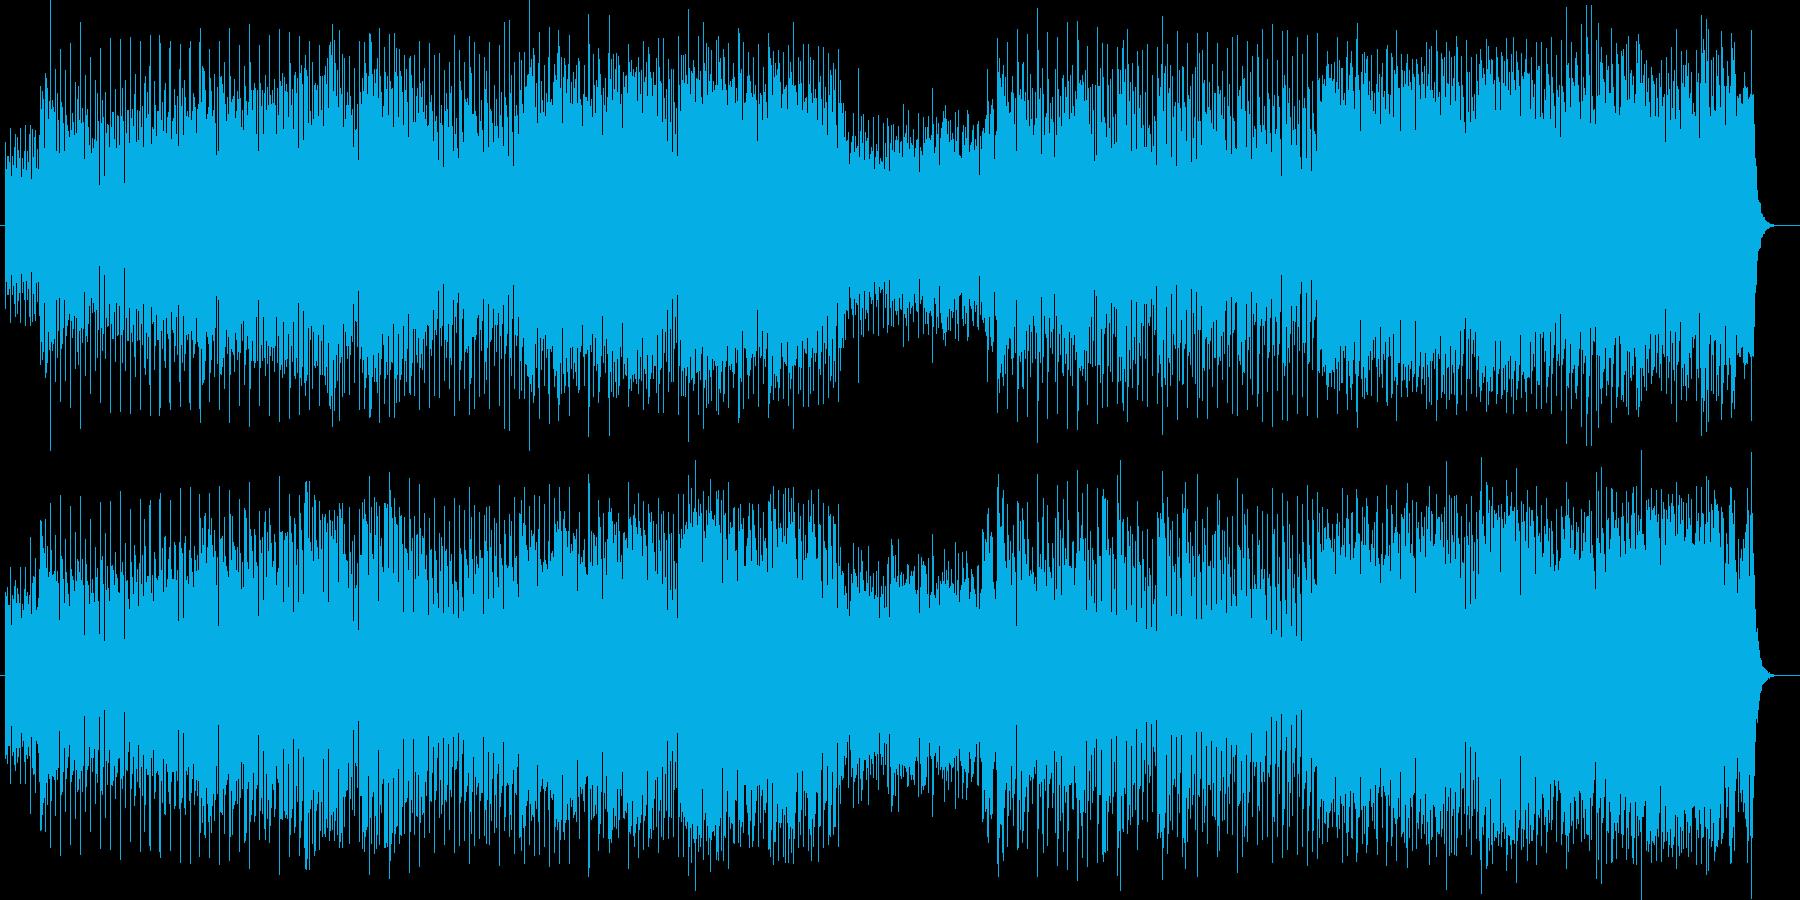 軽快でアコースティックな音色が心地よい曲の再生済みの波形